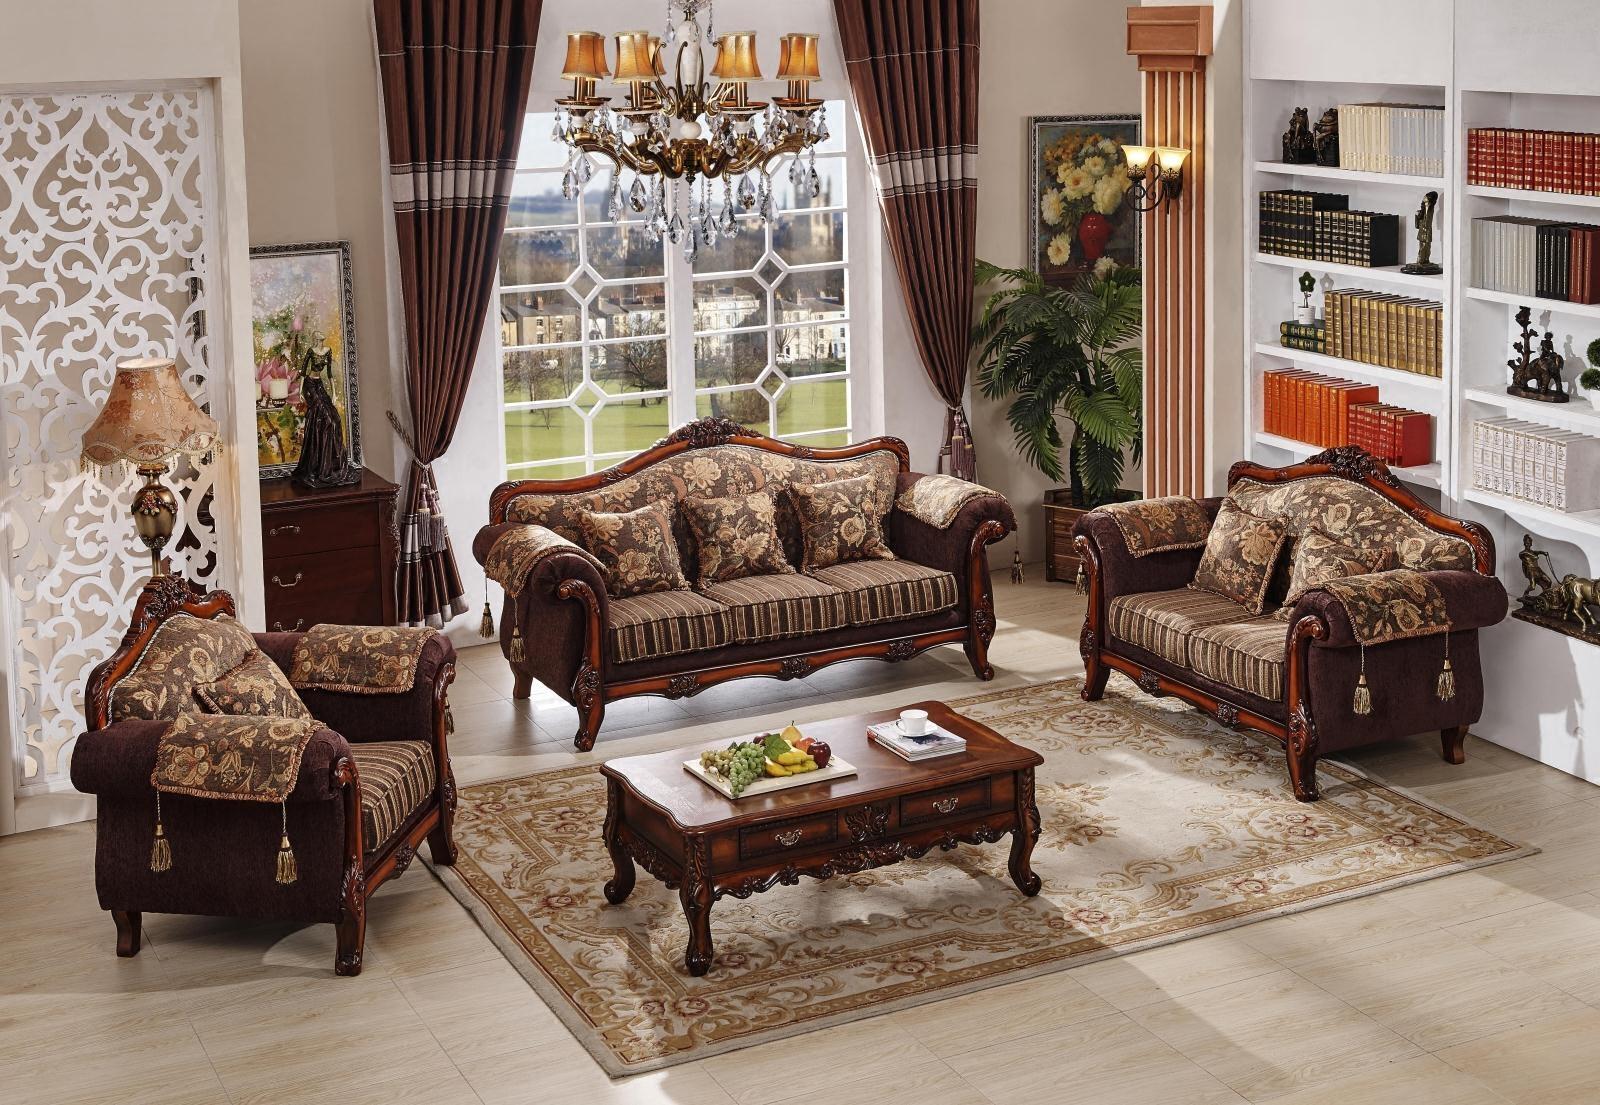 欧式布艺沙发三人可拆洗单人双人客厅组合简欧家具新古典欧式家具